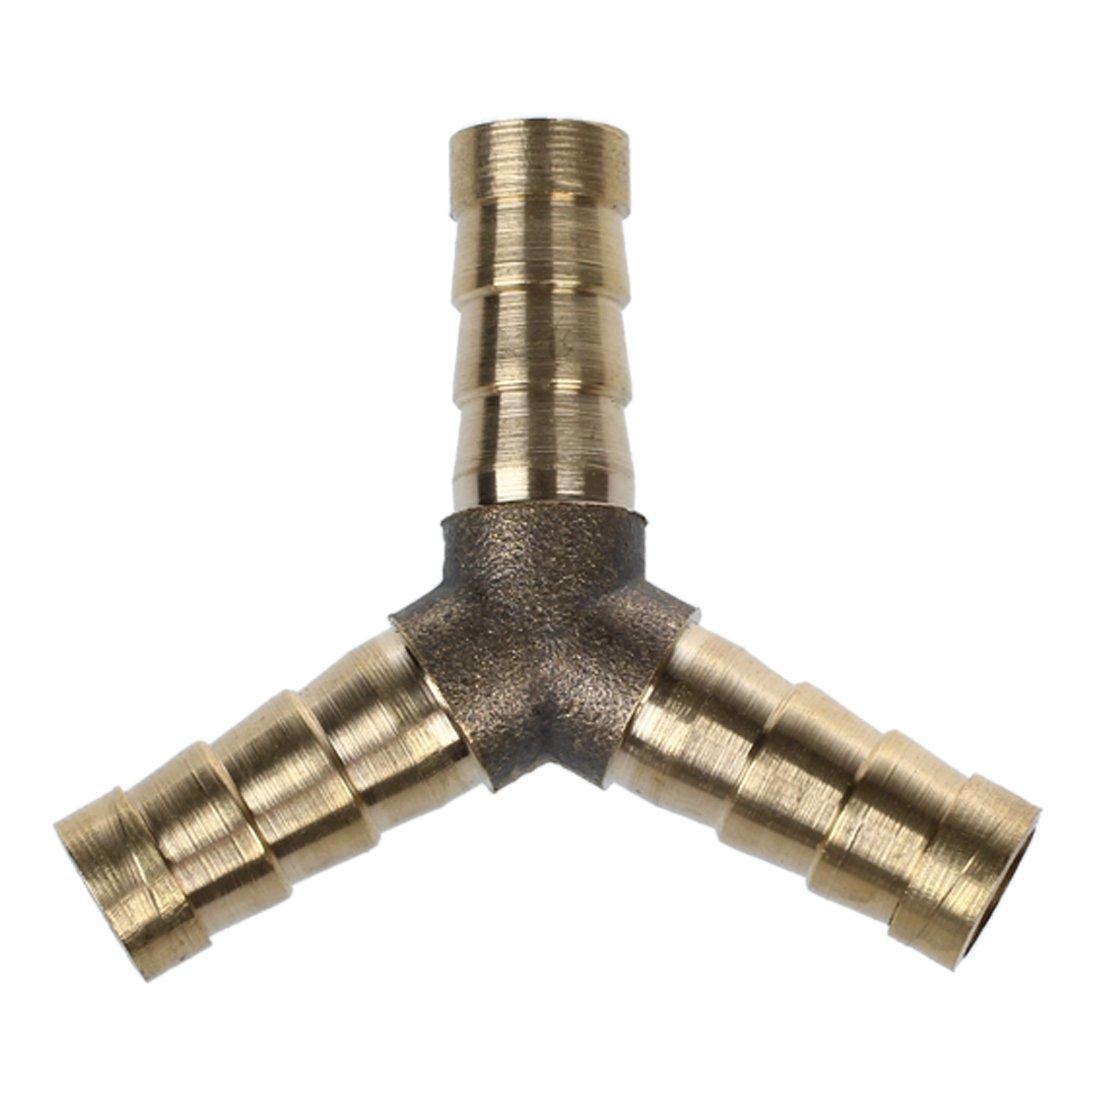 Raccords de tuyaux - TOOGOO(R) Raccords de tuyaux de Y, de carburant, en laiton, 8 mm, 5 / 18 pouces